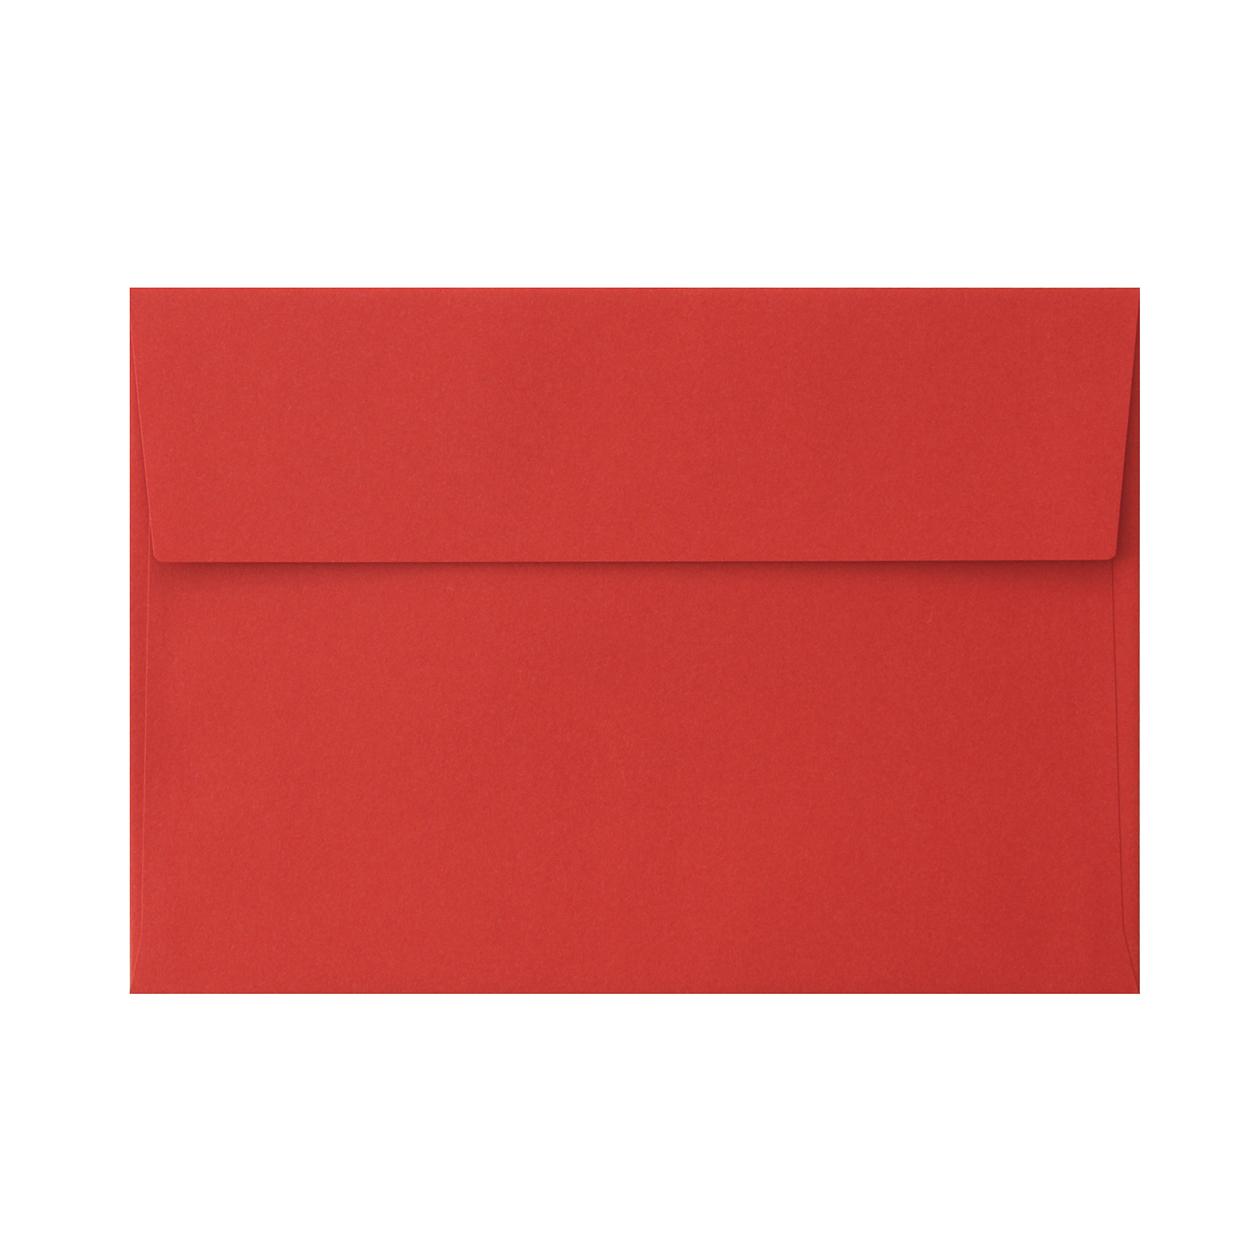 角6カマス封筒 コットン レッド 116.3g